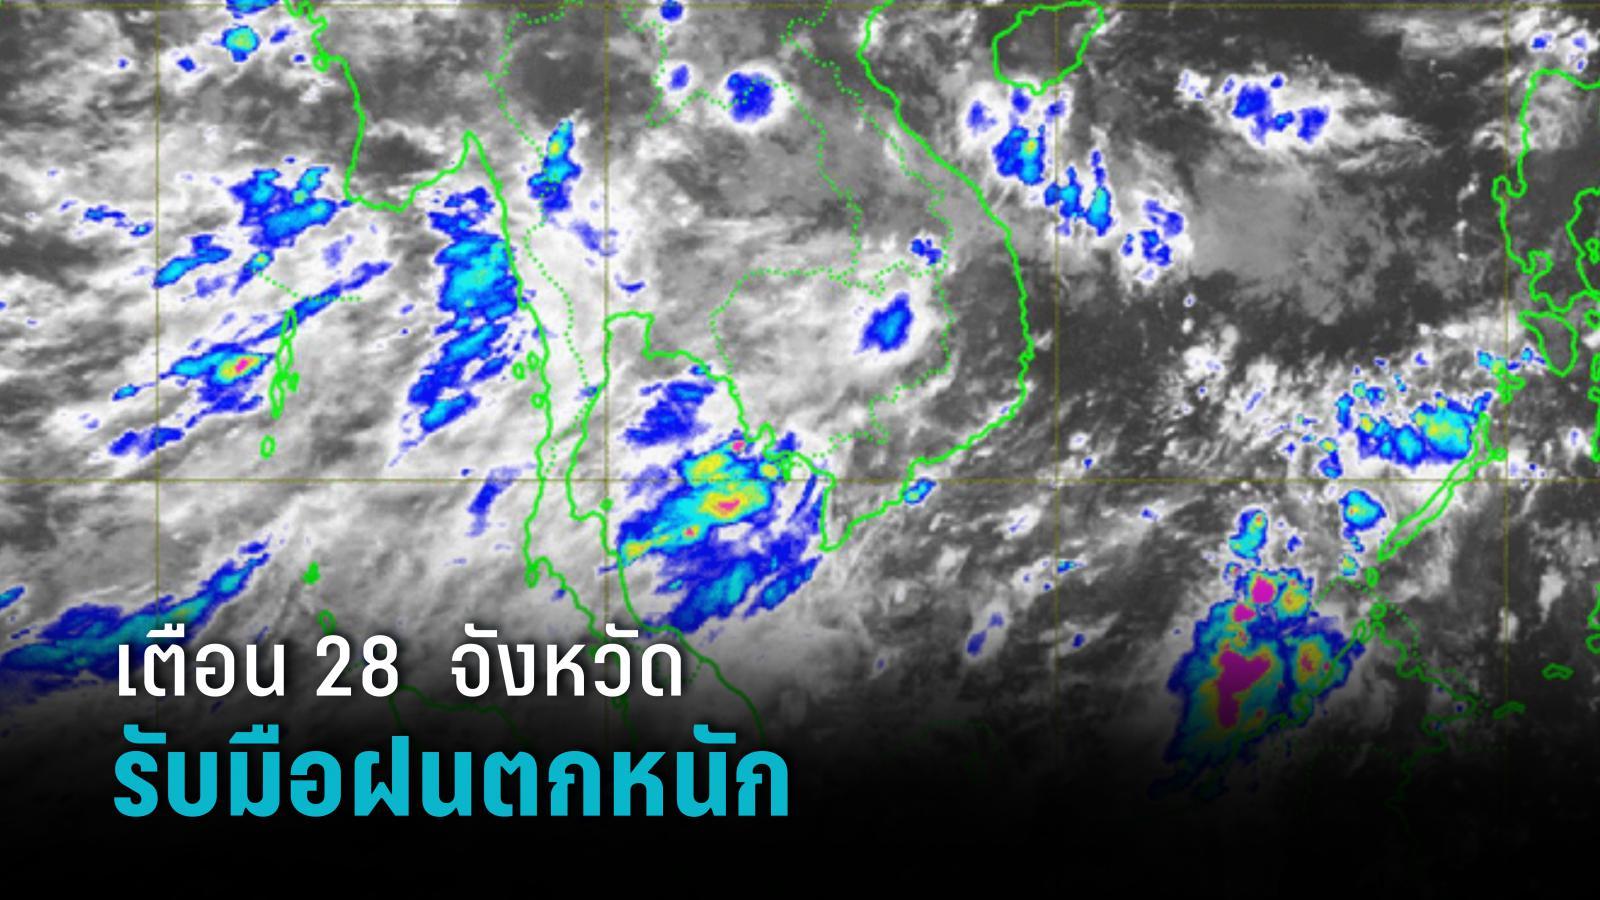 อุตุฯ เผย ร่องมรสุมเข้าไทยเตือน 28  จังหวัดรับมือฝนตกหนัก